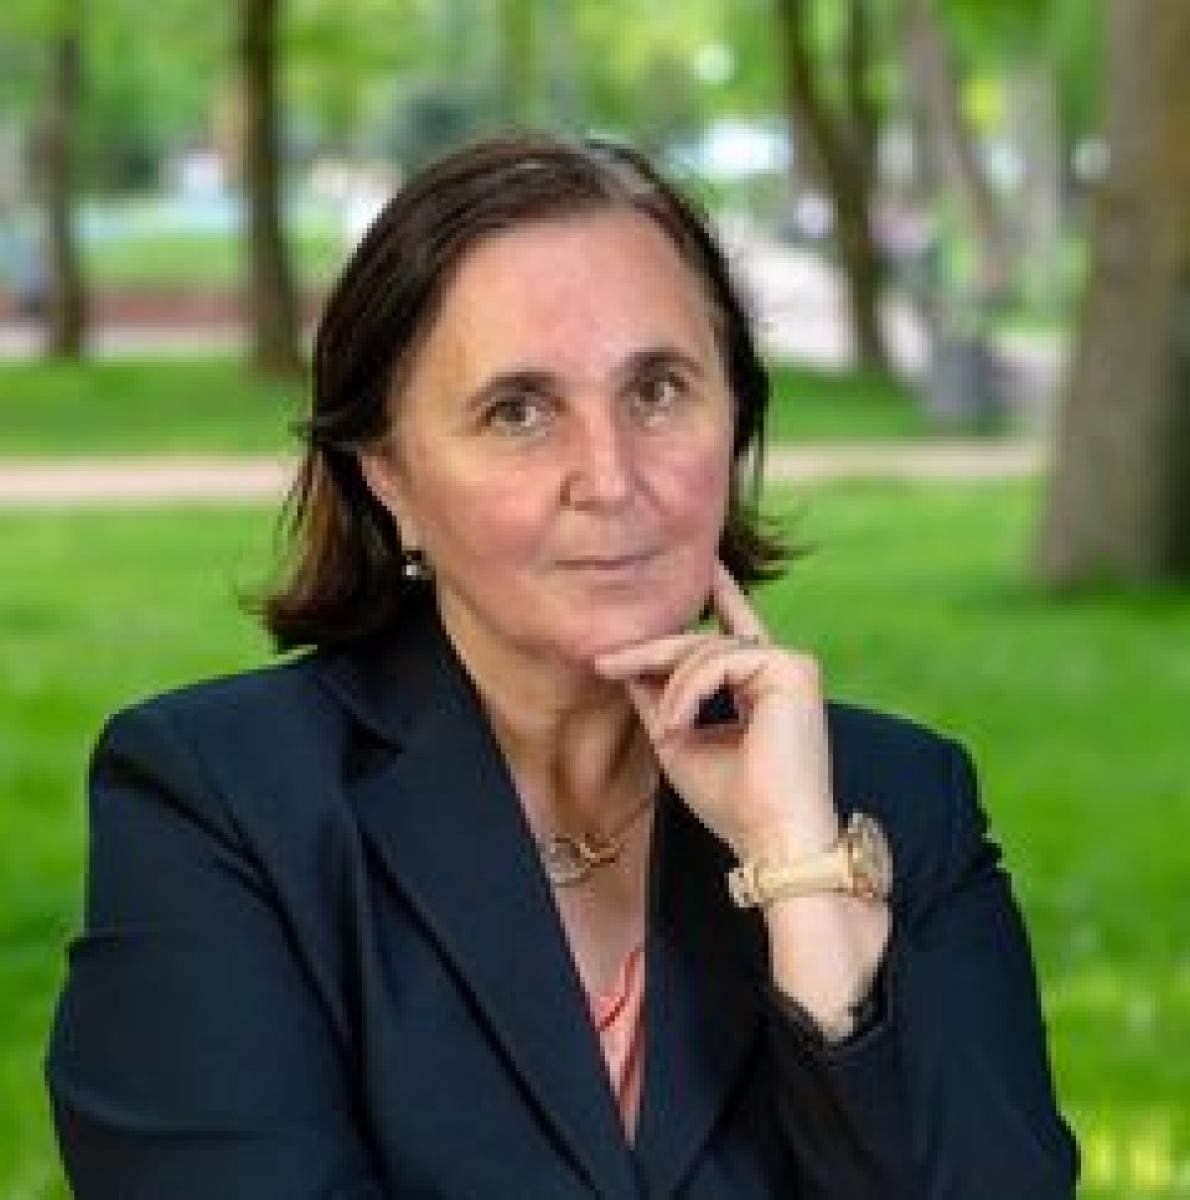 ELENA M. CÎMPAN: CEL MAI MULT PROFESORII